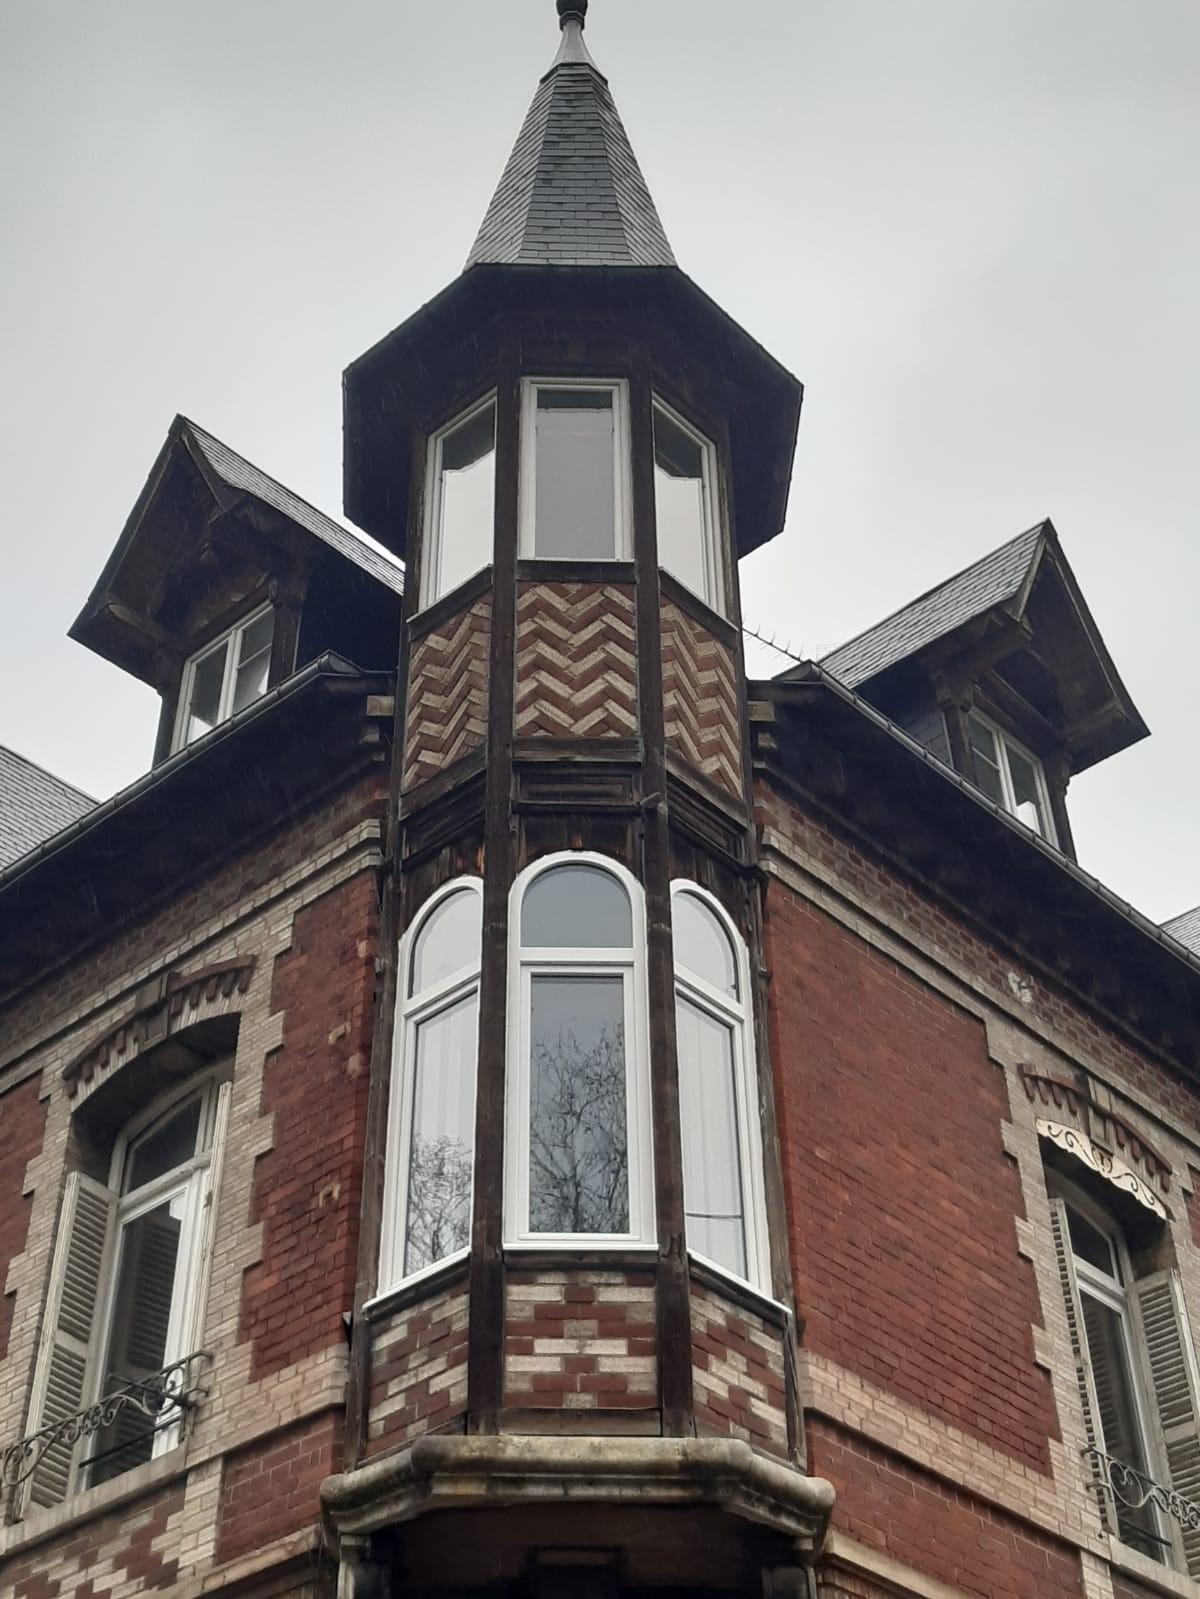 Remplacement de fenêtres anciennes cintrées bois